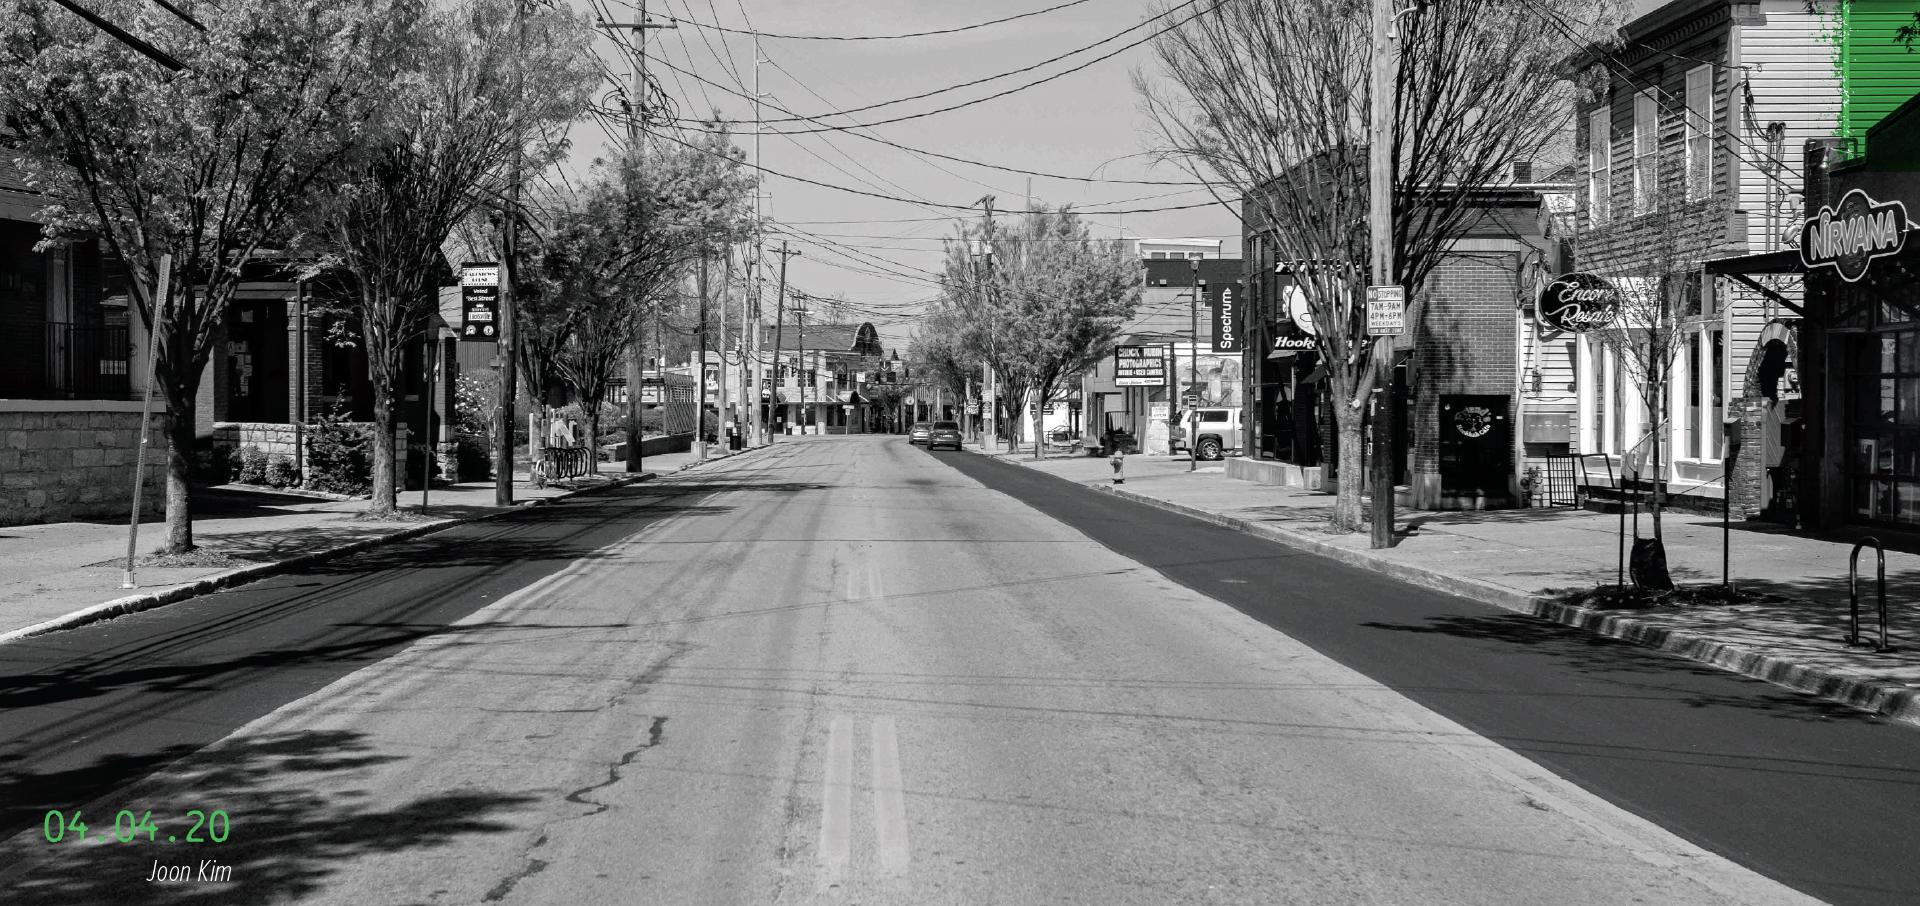 Empty Bardstown Road. 04.04.2020, by Joon Kim